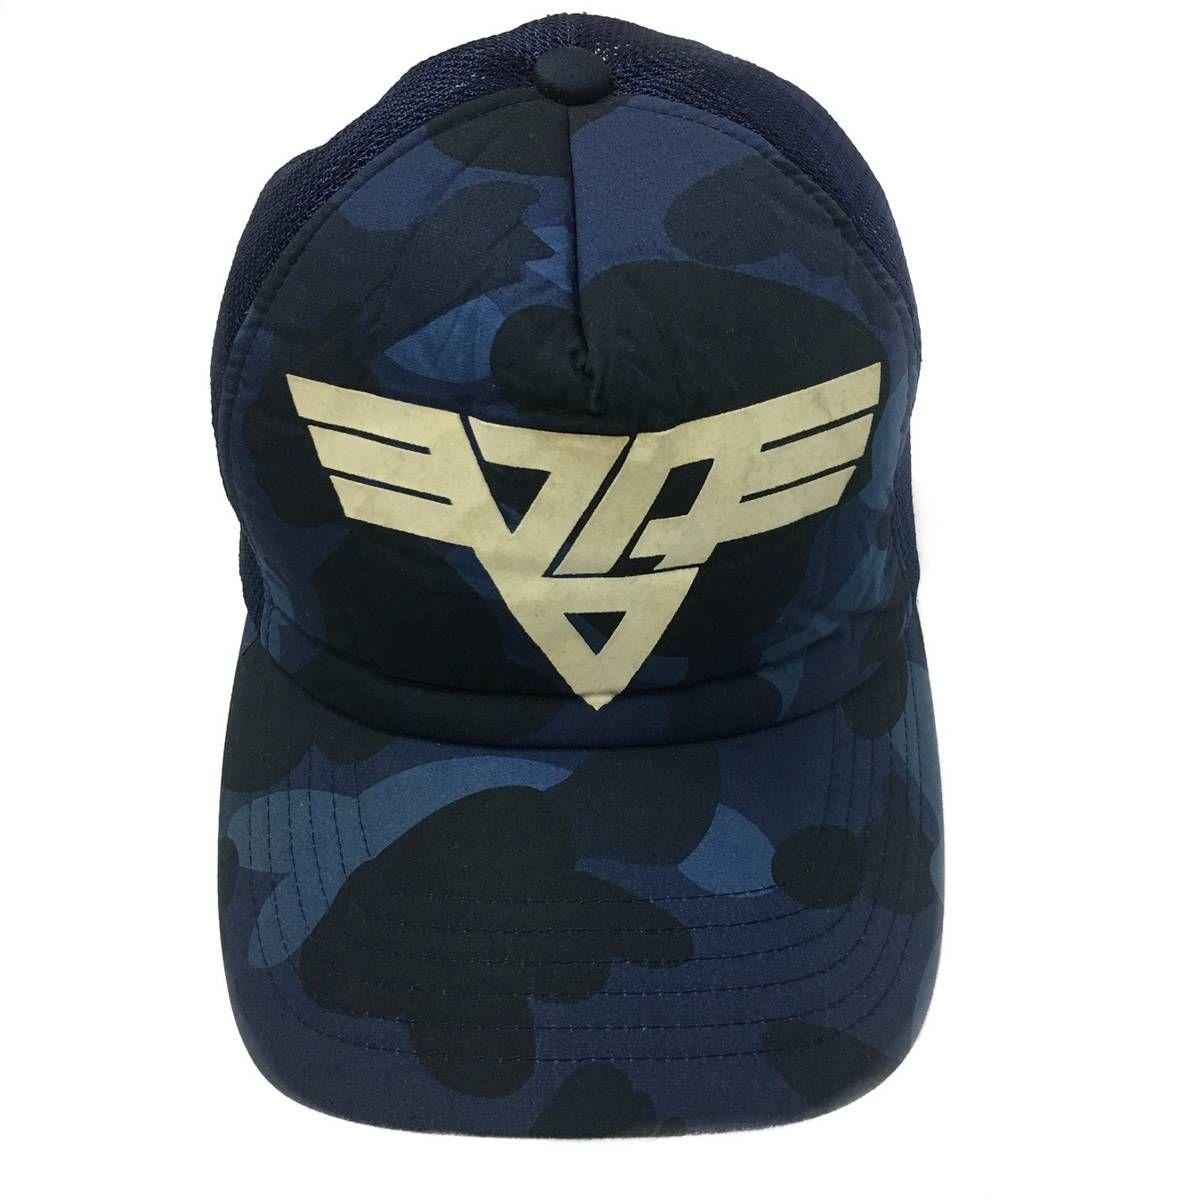 0cb092e041c Bape BAPE A Bathing Ape Navy Blue Camouflage Trucker Hat Cap 100% Authentic Size  one size - Hats for Sale - Grailed